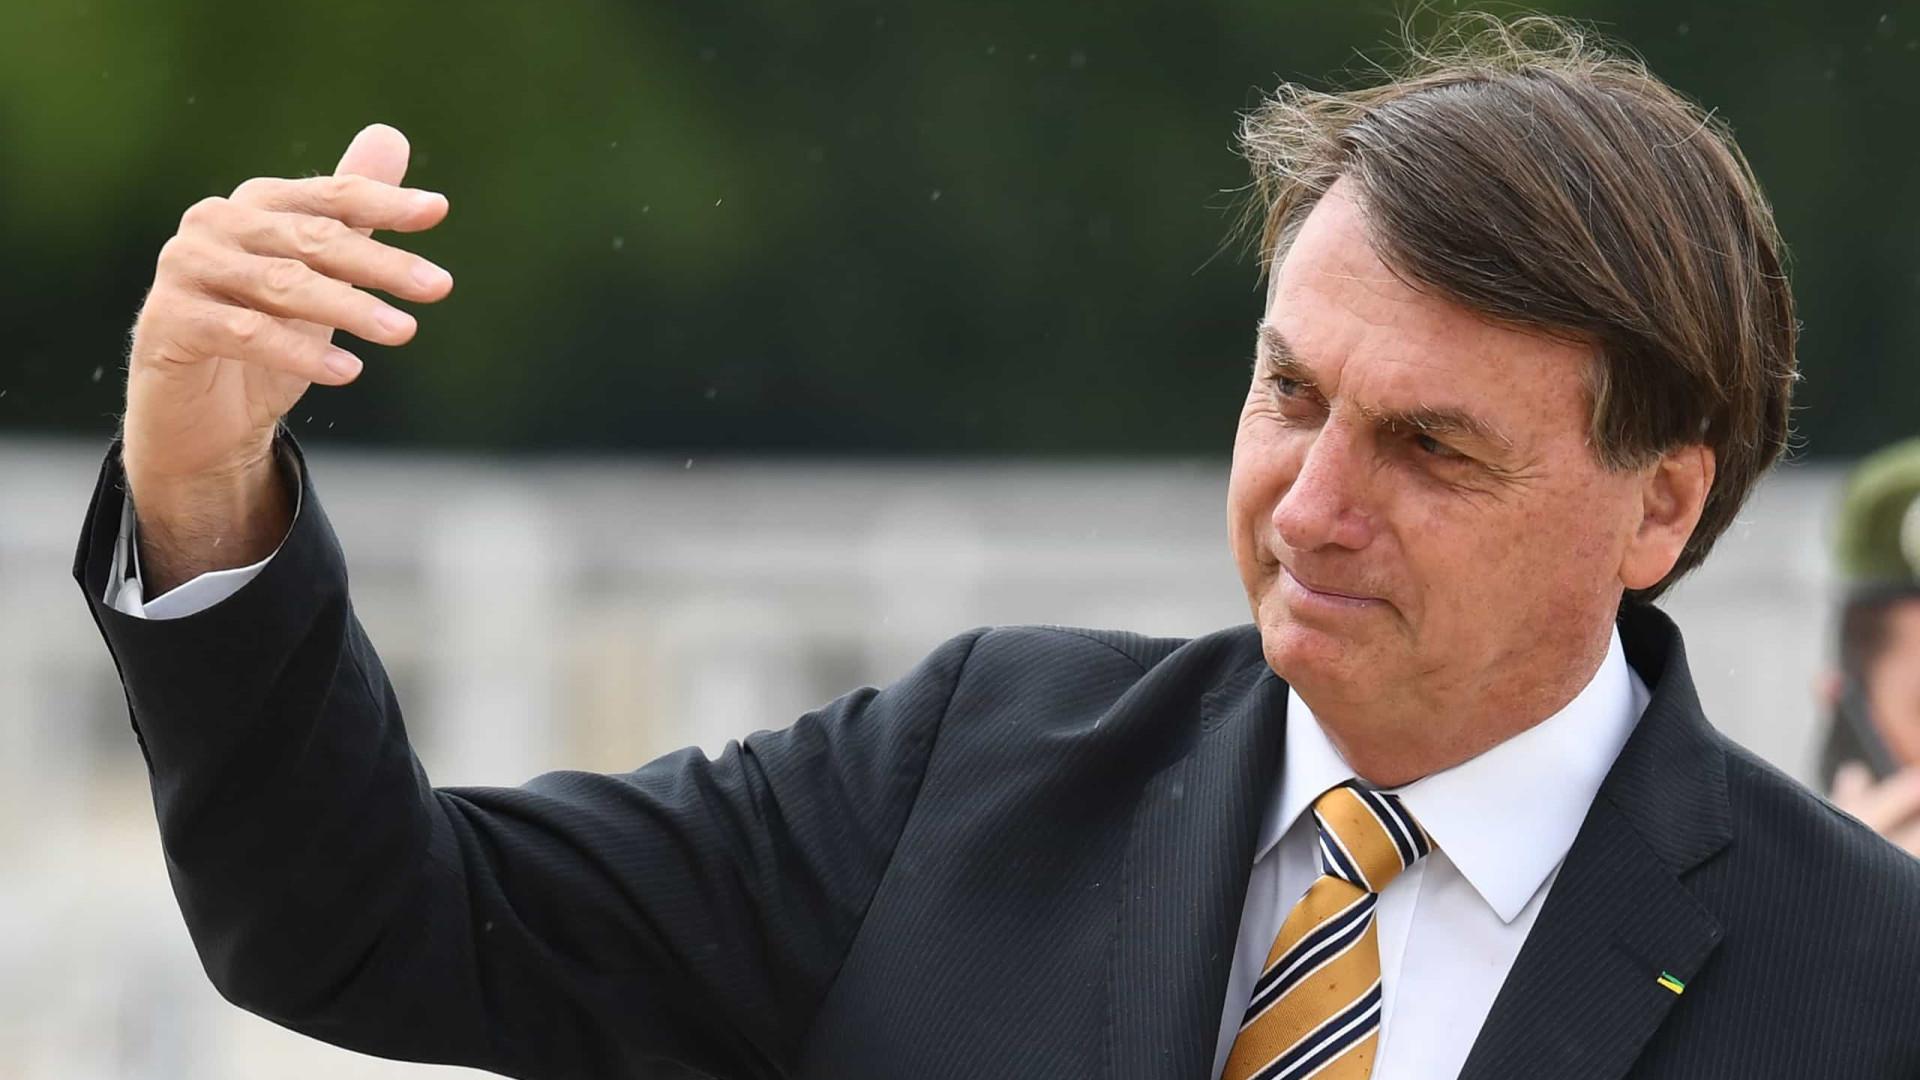 Bolsonaro diz que demitiu ministro do Turismo porque 'houve excesso, mas continua amigo nosso'